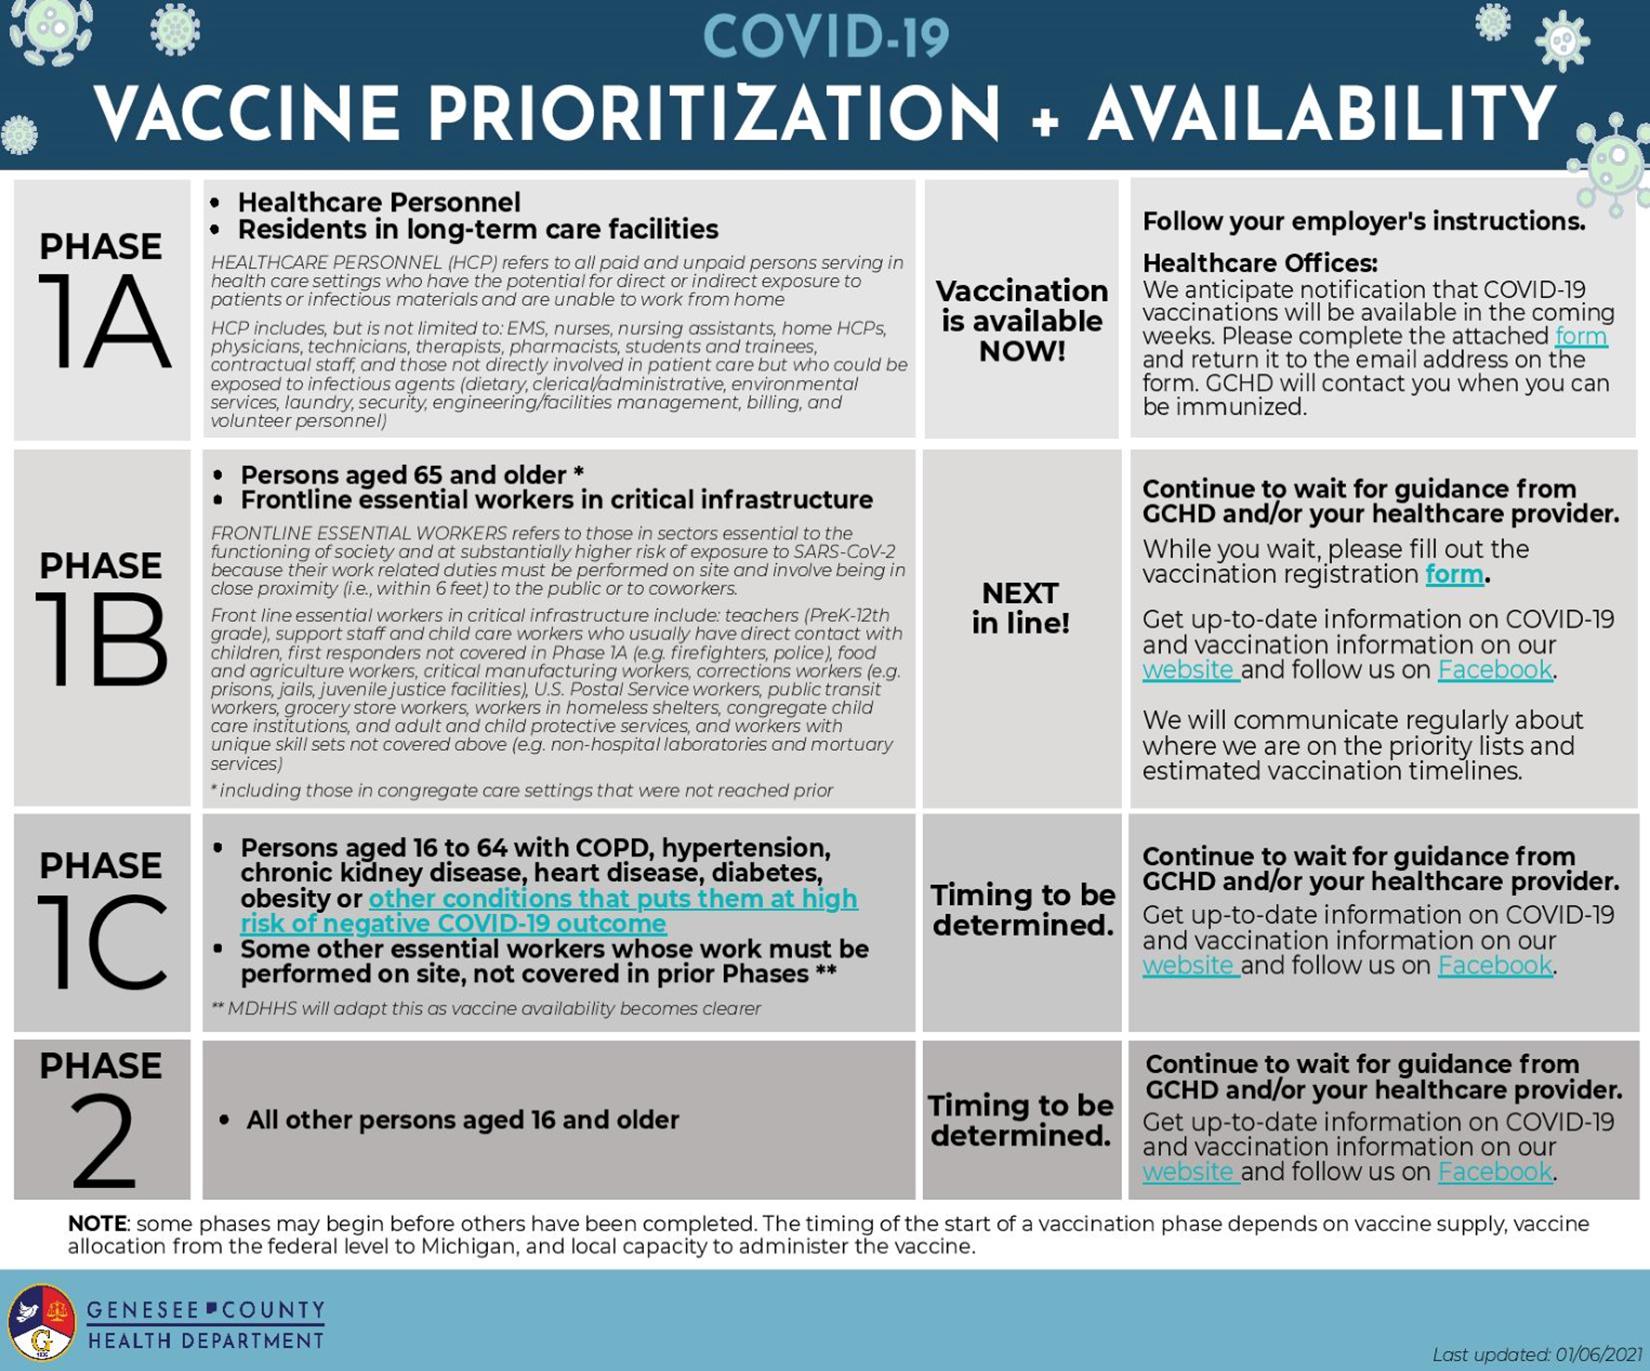 COVID-19 Vaccine Prioritization & Availability